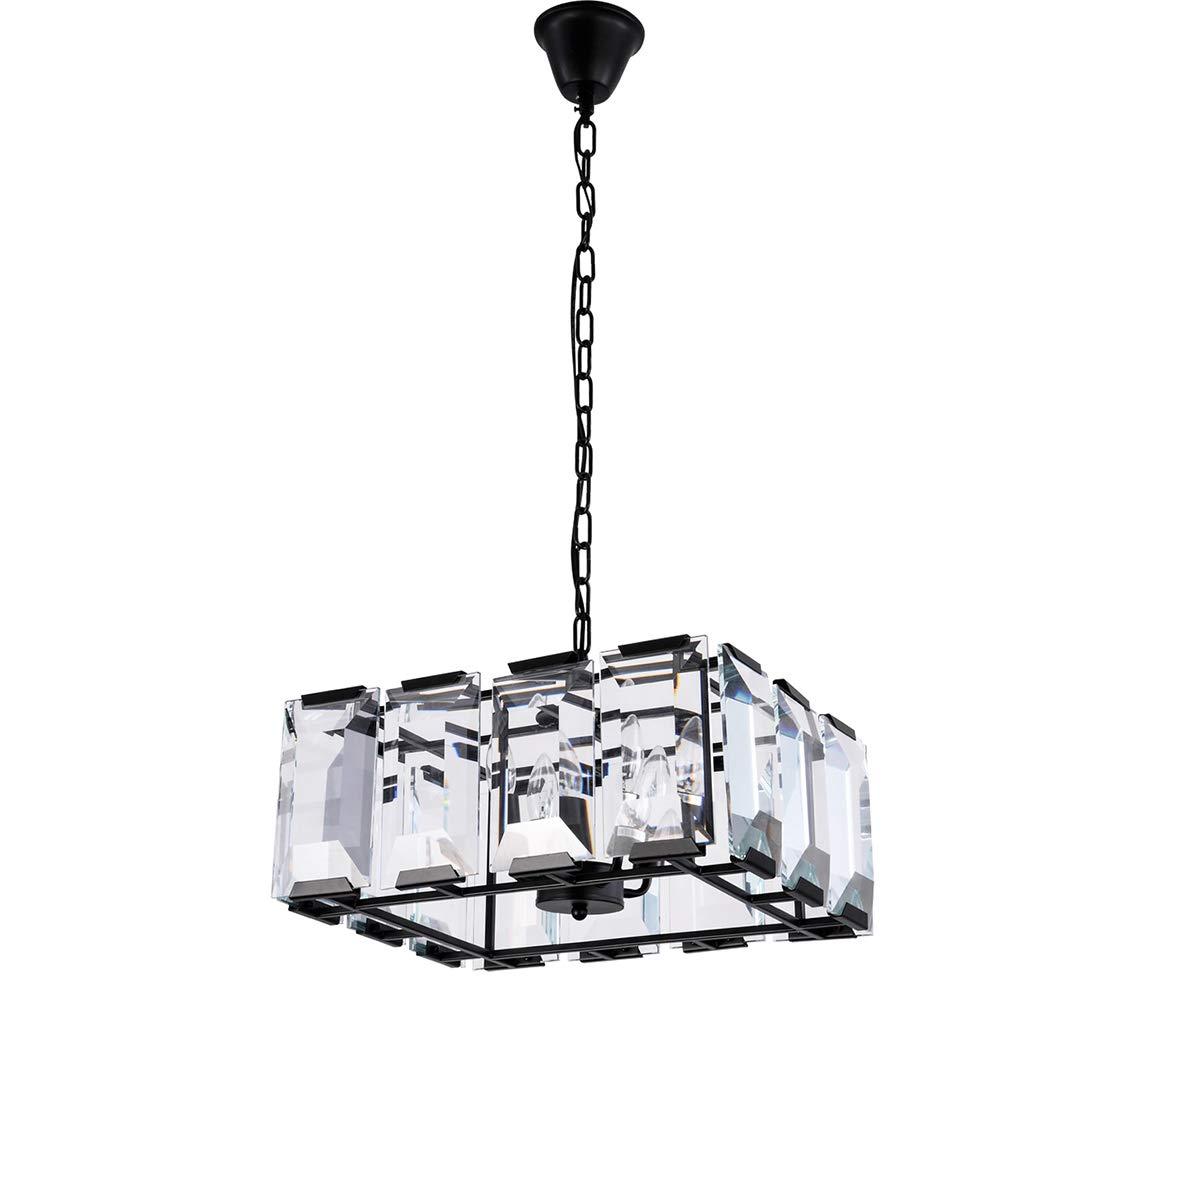 照明ランプ LED 食堂の居間のための贅沢な現代/現代的な水晶シャンデリアの天井灯の吊り下げ式ライト LEDライト (色 : 冷たい白, サイズ : AC 220V) B07PW6C593 冷たい白 AC 220V